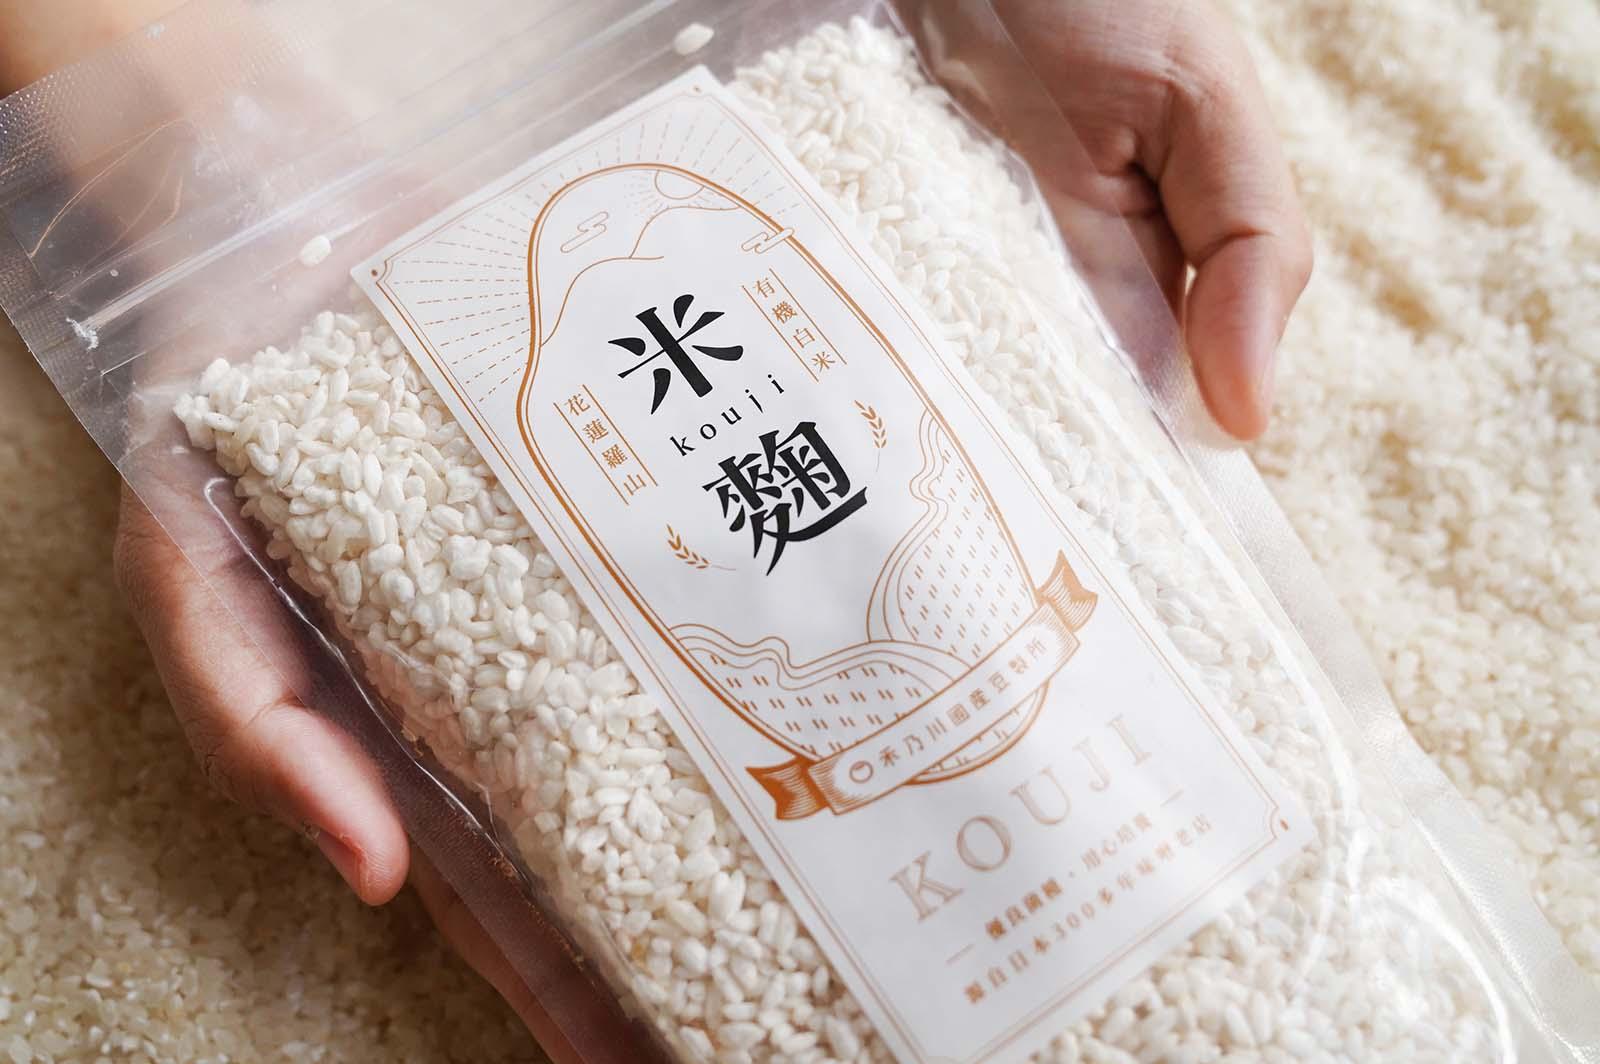 選用日本300多年味噌老店的優良菌種 - 糀kouji ,再搭配花蓮羅山有機白米,經過浸泡、蒸熟、播散、翻攪散熱等古法用心照顧米麴慢慢發酵 。擁有米麴即可以自己釀造味噌、味醂、醬油、鹽麴和甘酒等。    改變生命的豆漿店